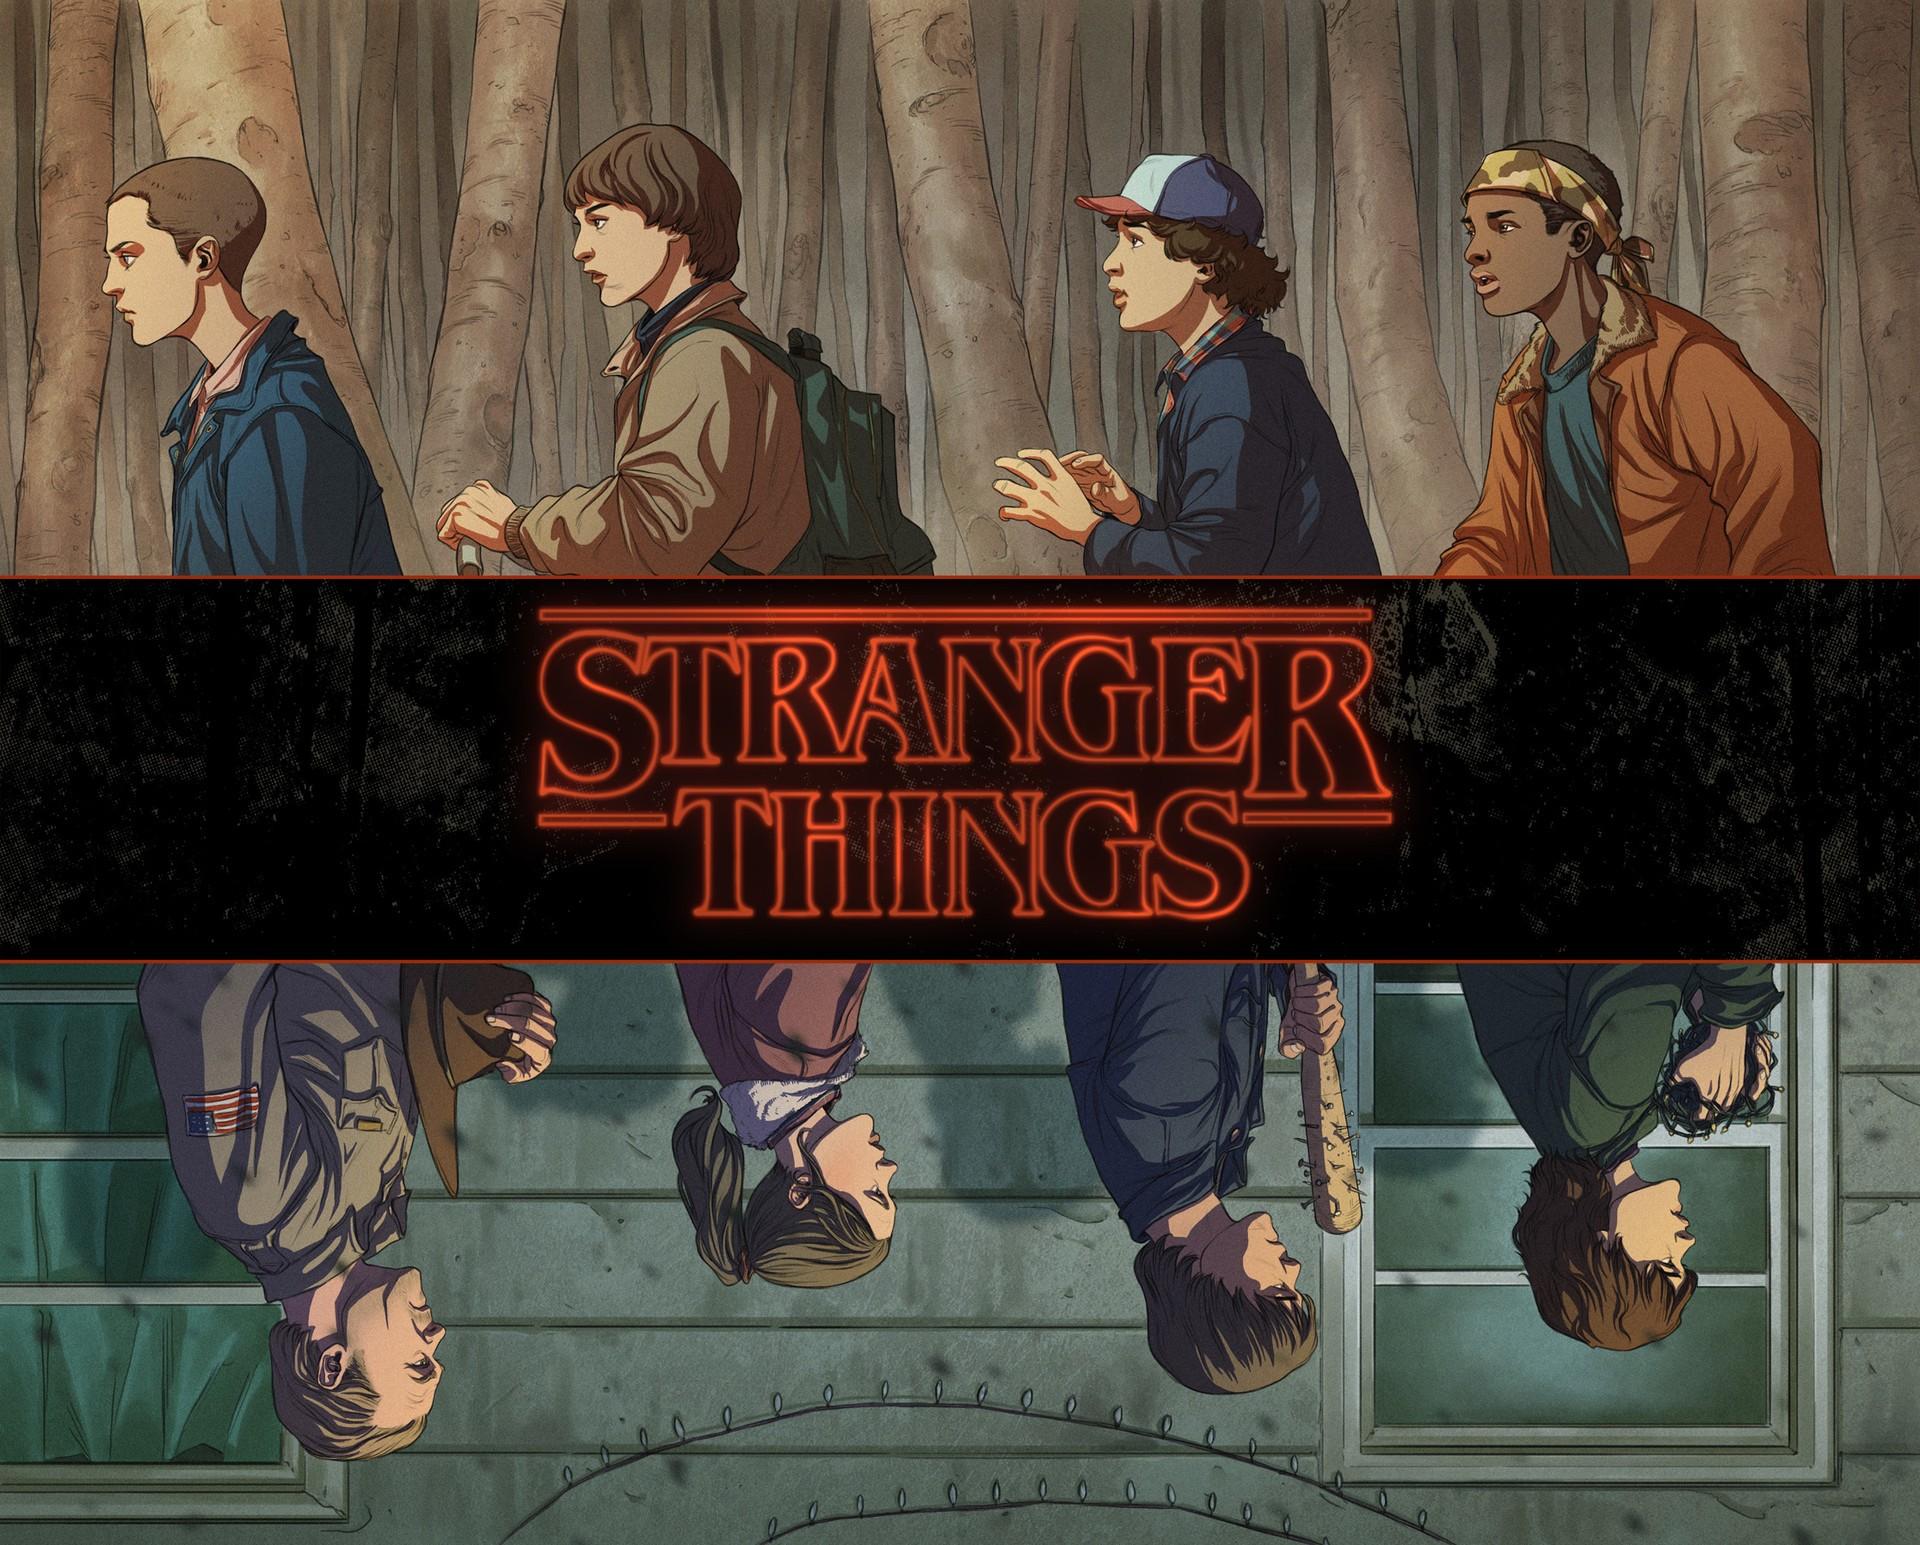 Stranger things wallpaper download free beautiful - Stranger things desktop wallpaper ...